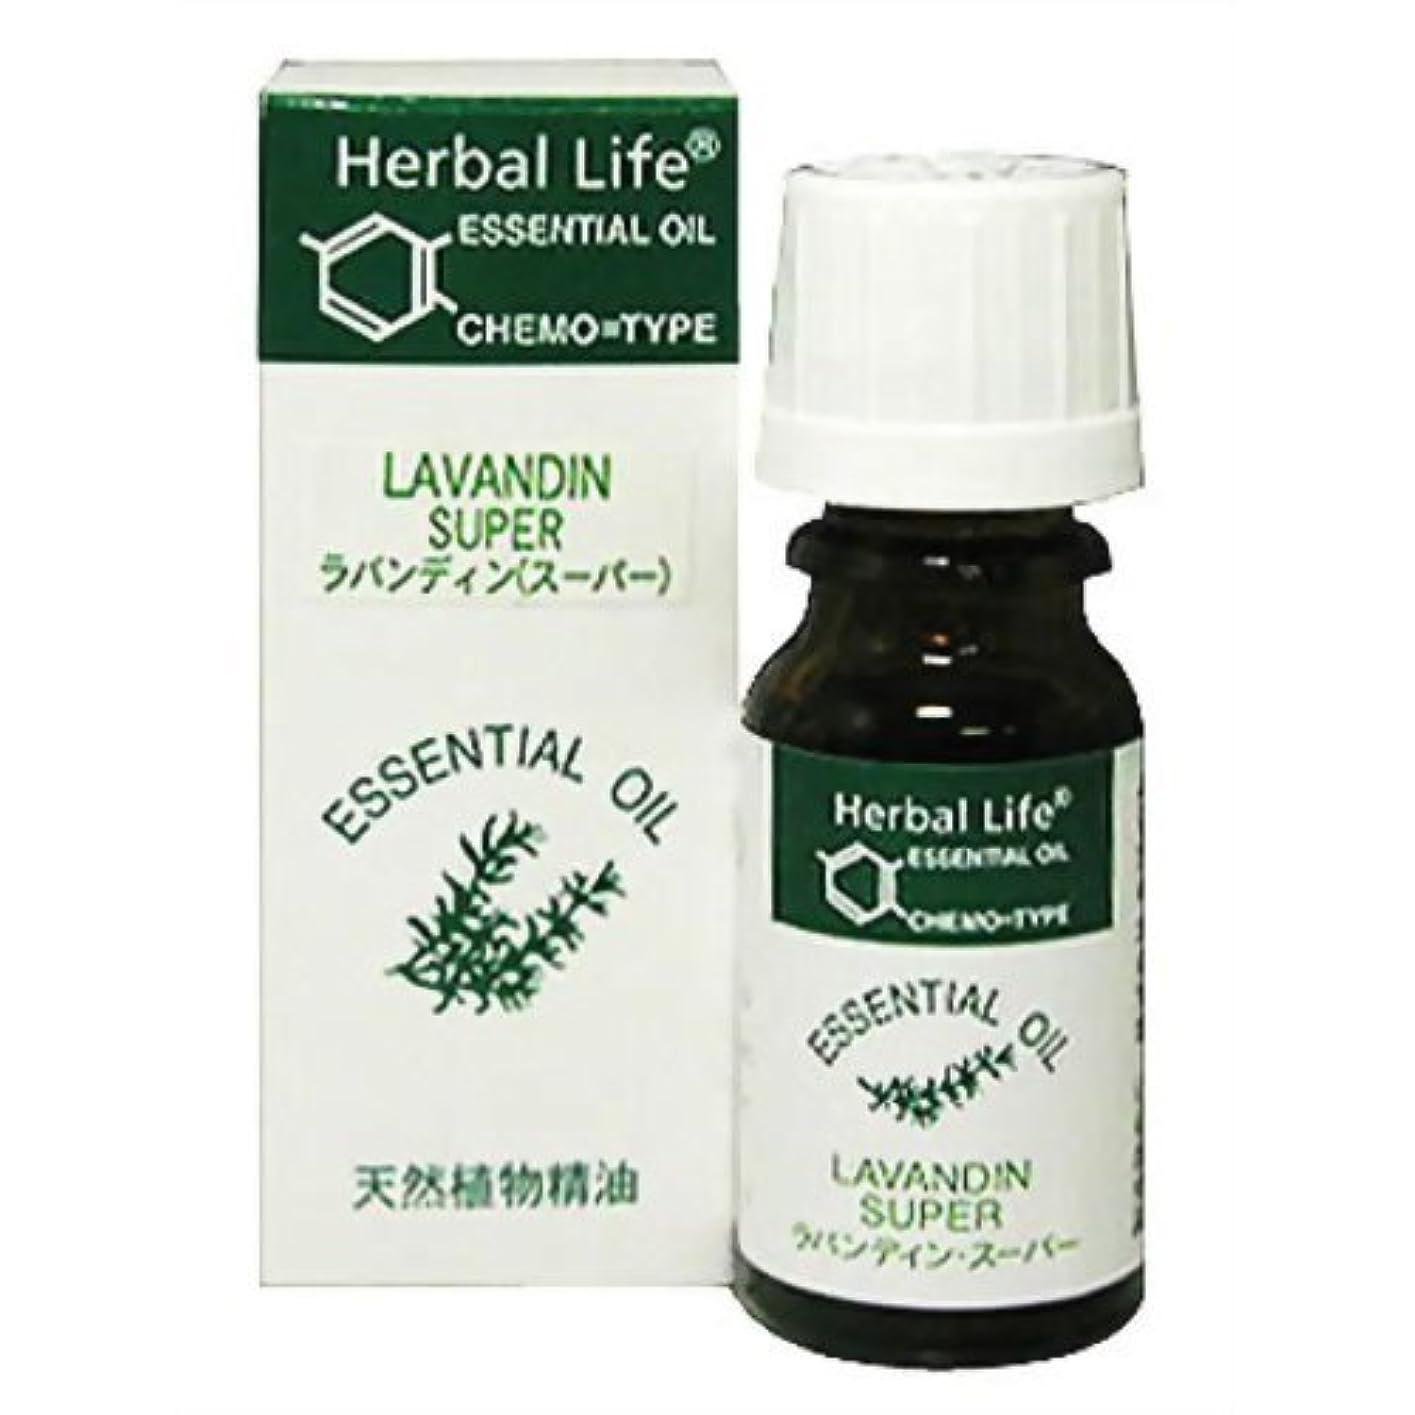 判定ロール司教Herbal Life ラバンディン?スーパー 10ml